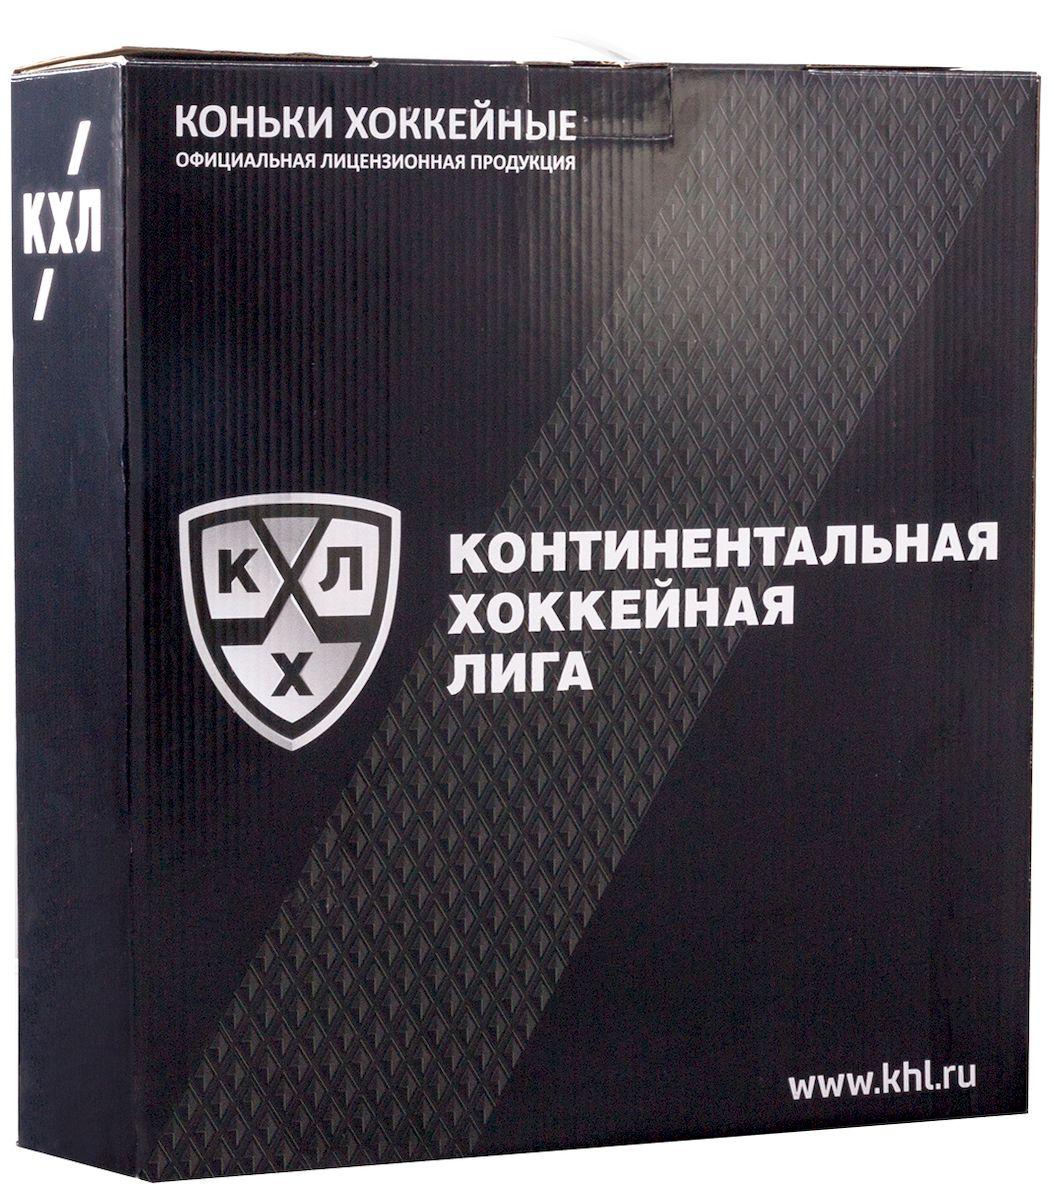 Коньки хоккейные КХЛ Legend, цвет: черный, серый, белый. УТ-00009137. Размер 41